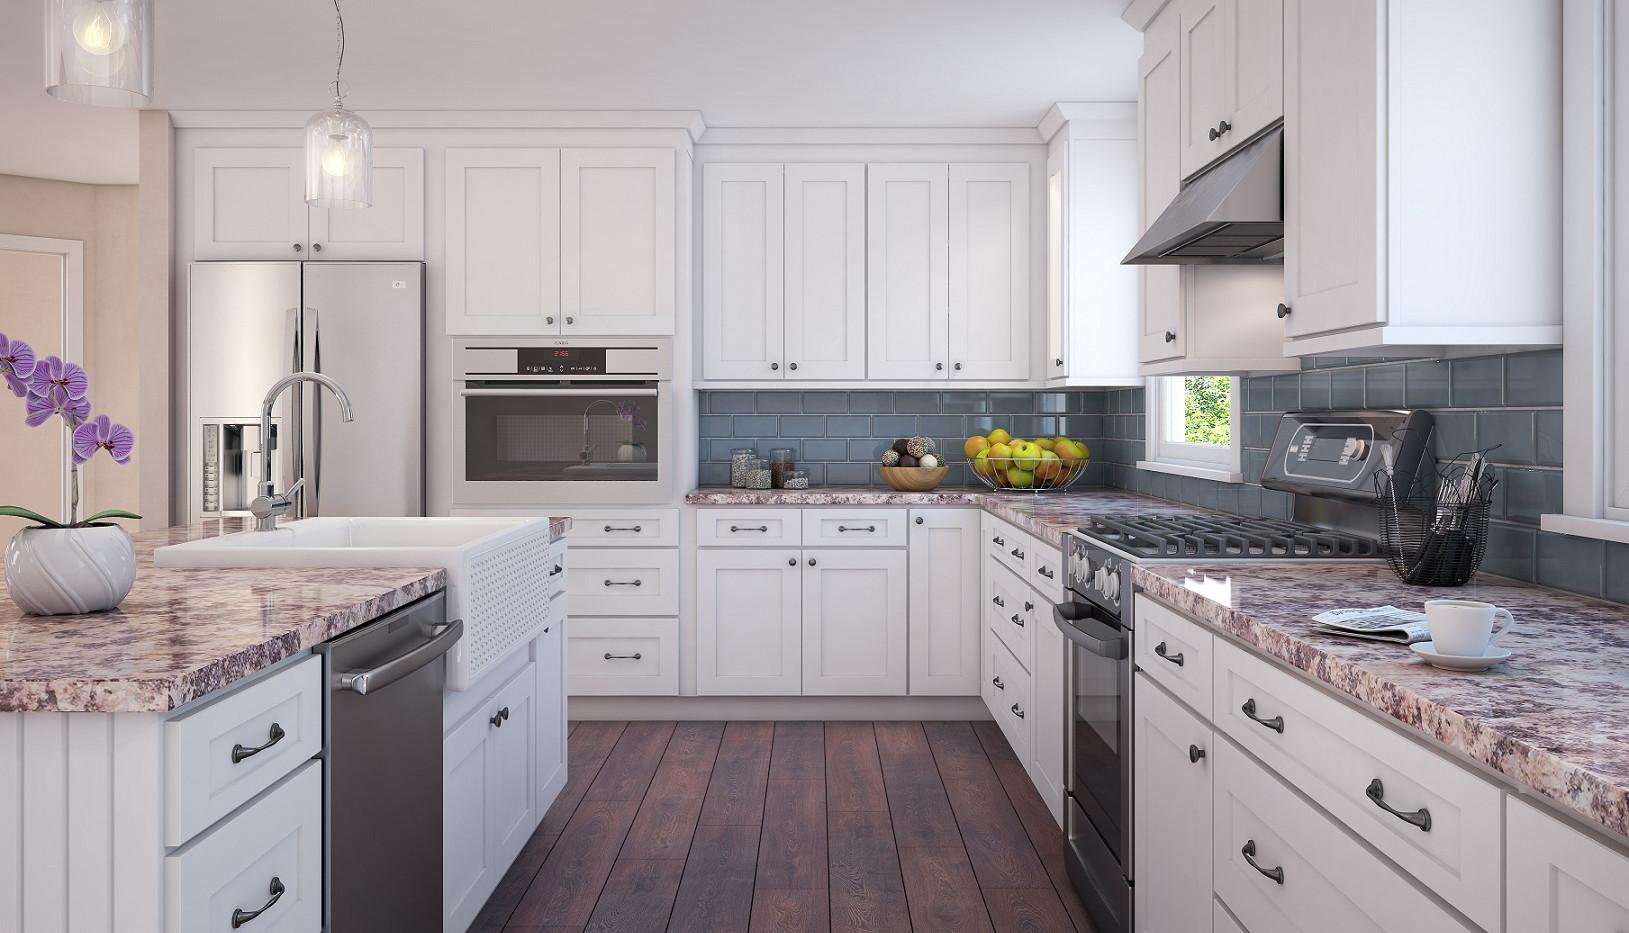 kitchen_n59-1.jpg